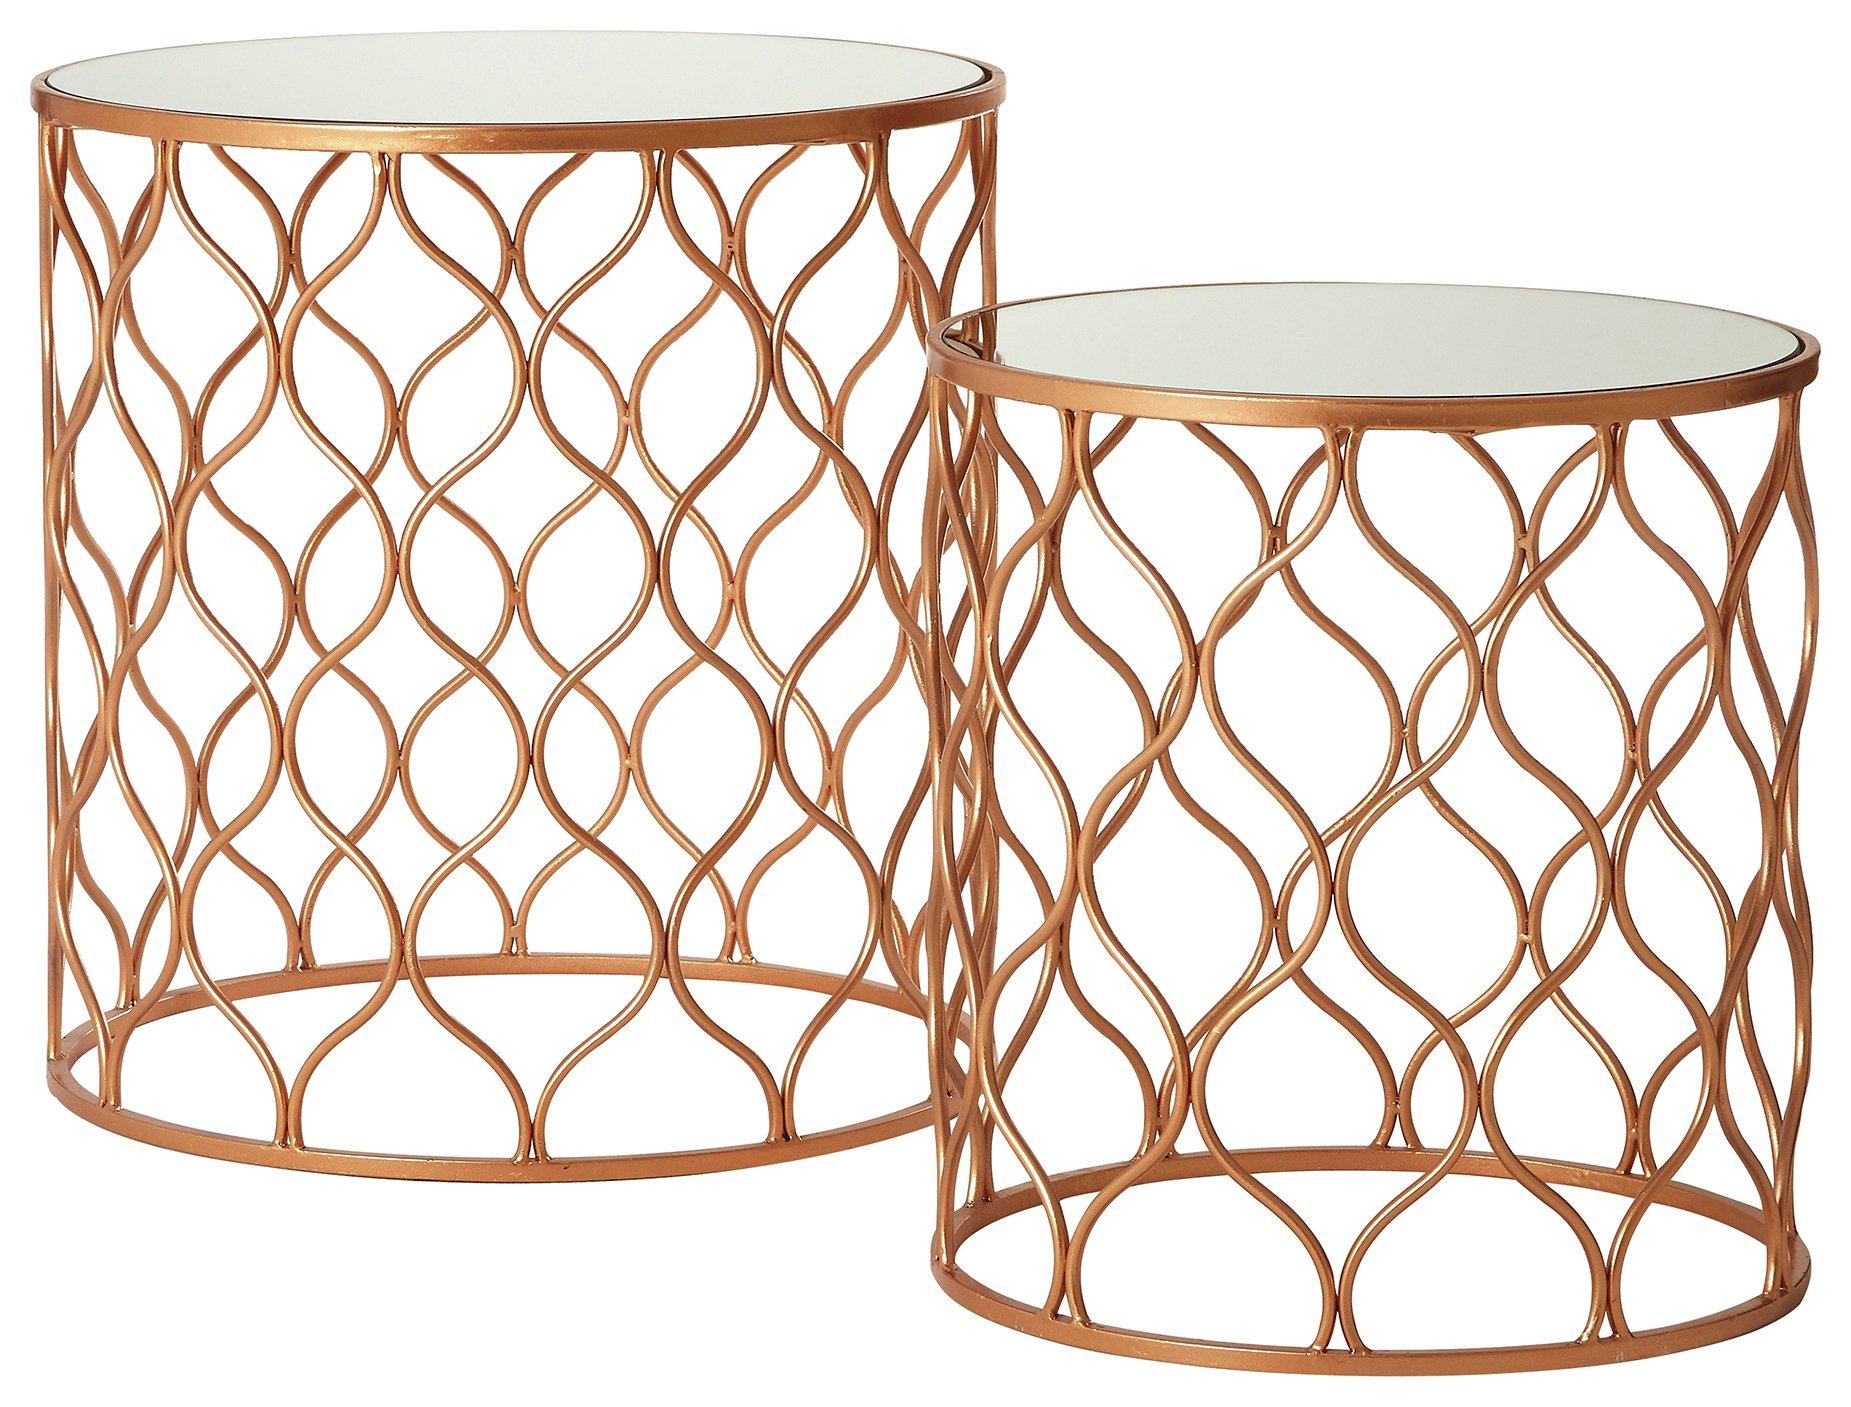 Premier Housewares Avantis Nest of 2 Tables - Bronze Frame